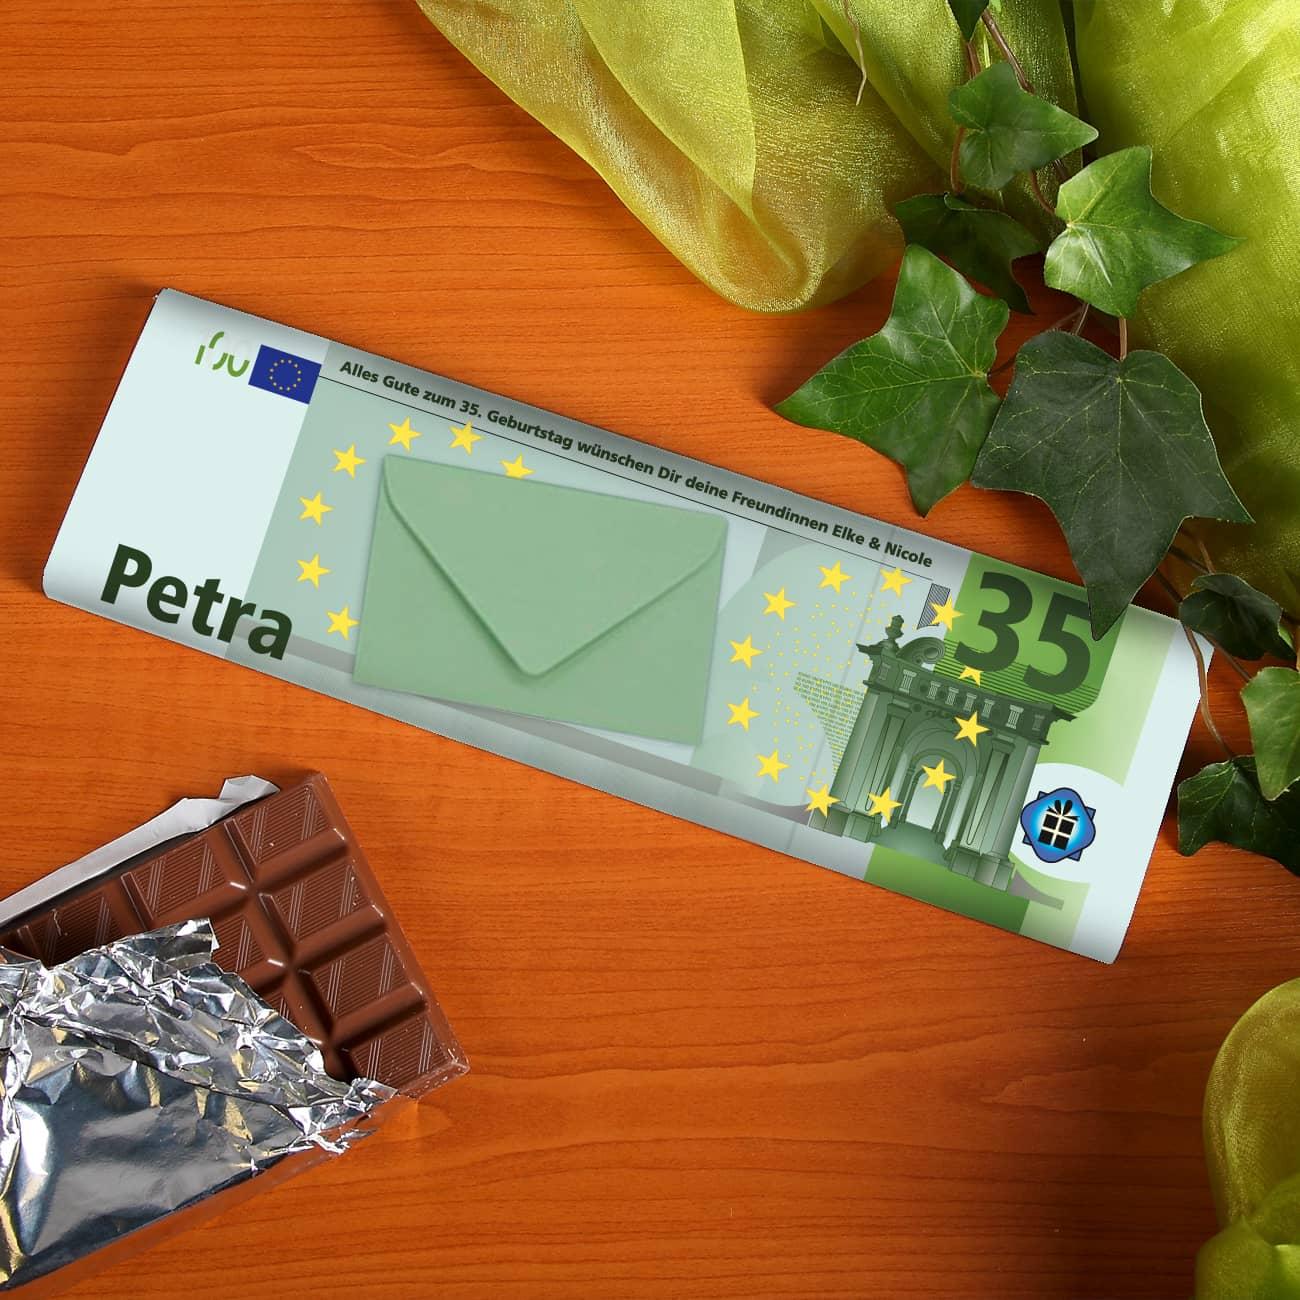 euro schokolade mit name alter und wunschtext geschenke. Black Bedroom Furniture Sets. Home Design Ideas